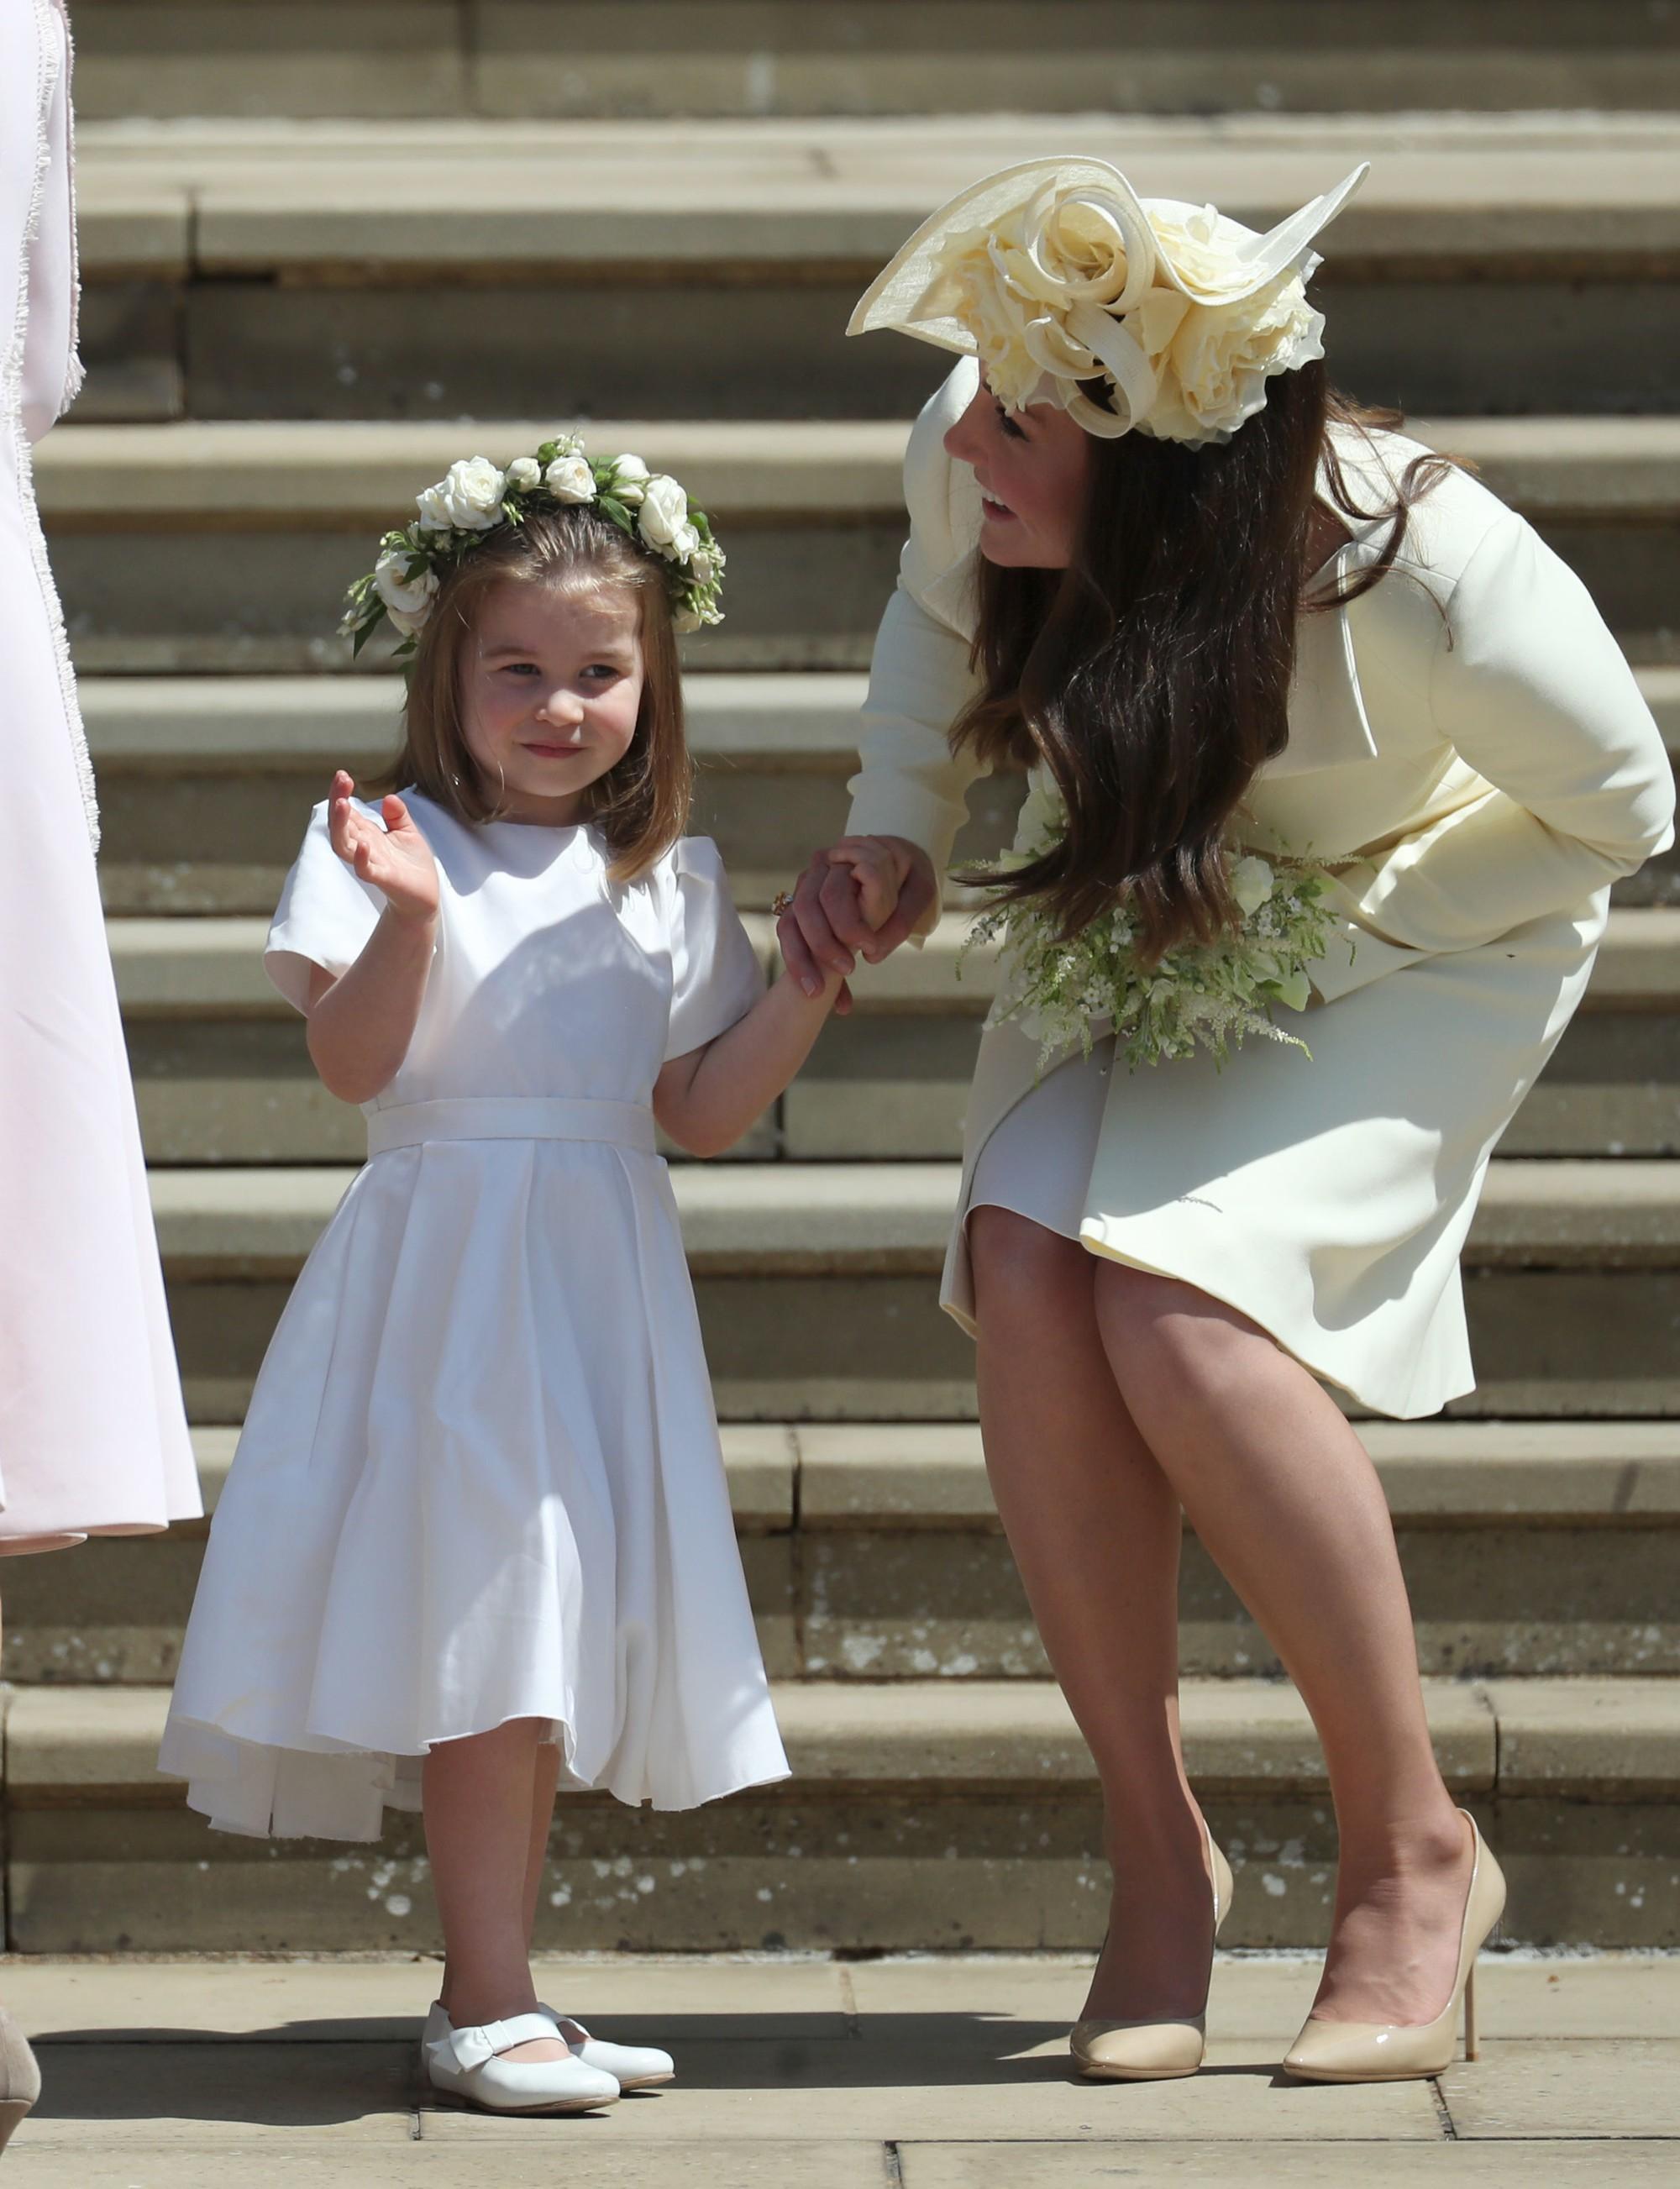 Lý do tại sao công chúa Charlotte chỉ luôn mặc váy hóa ra lại đơn giản thế này - Ảnh 1.